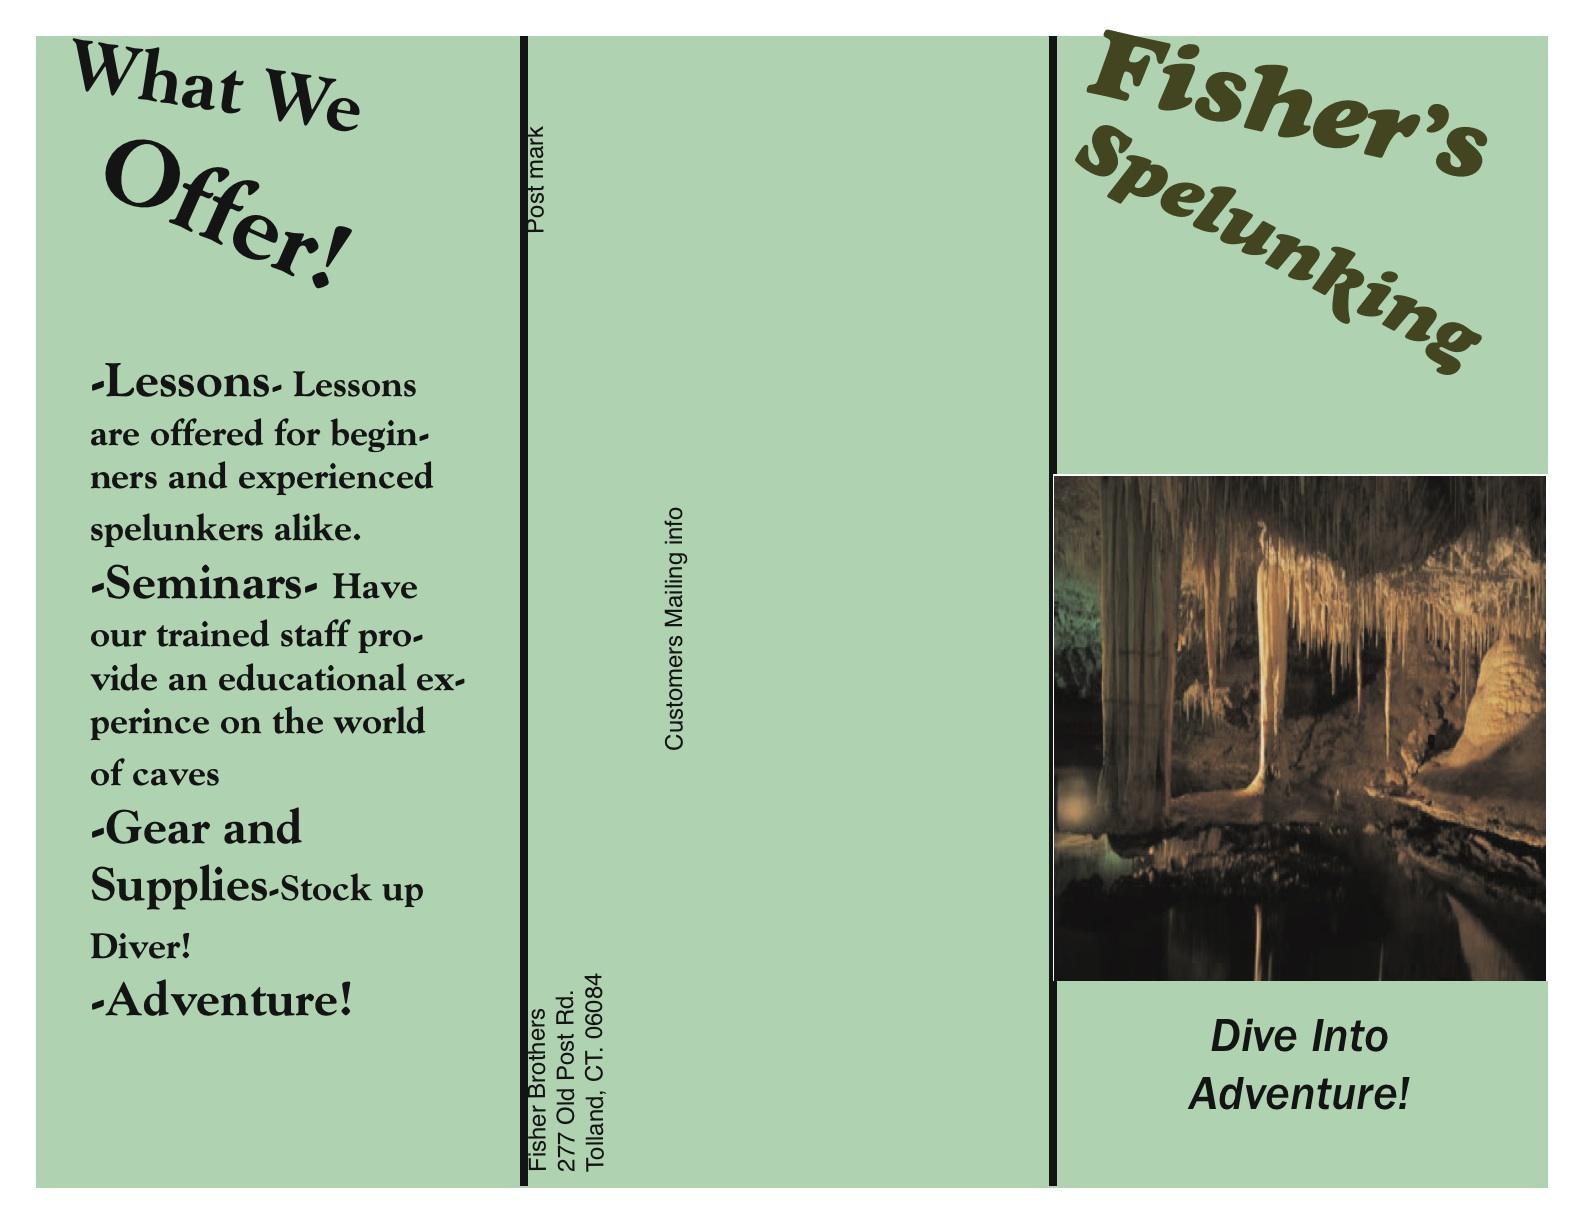 jacob fisher 6 panel brochure